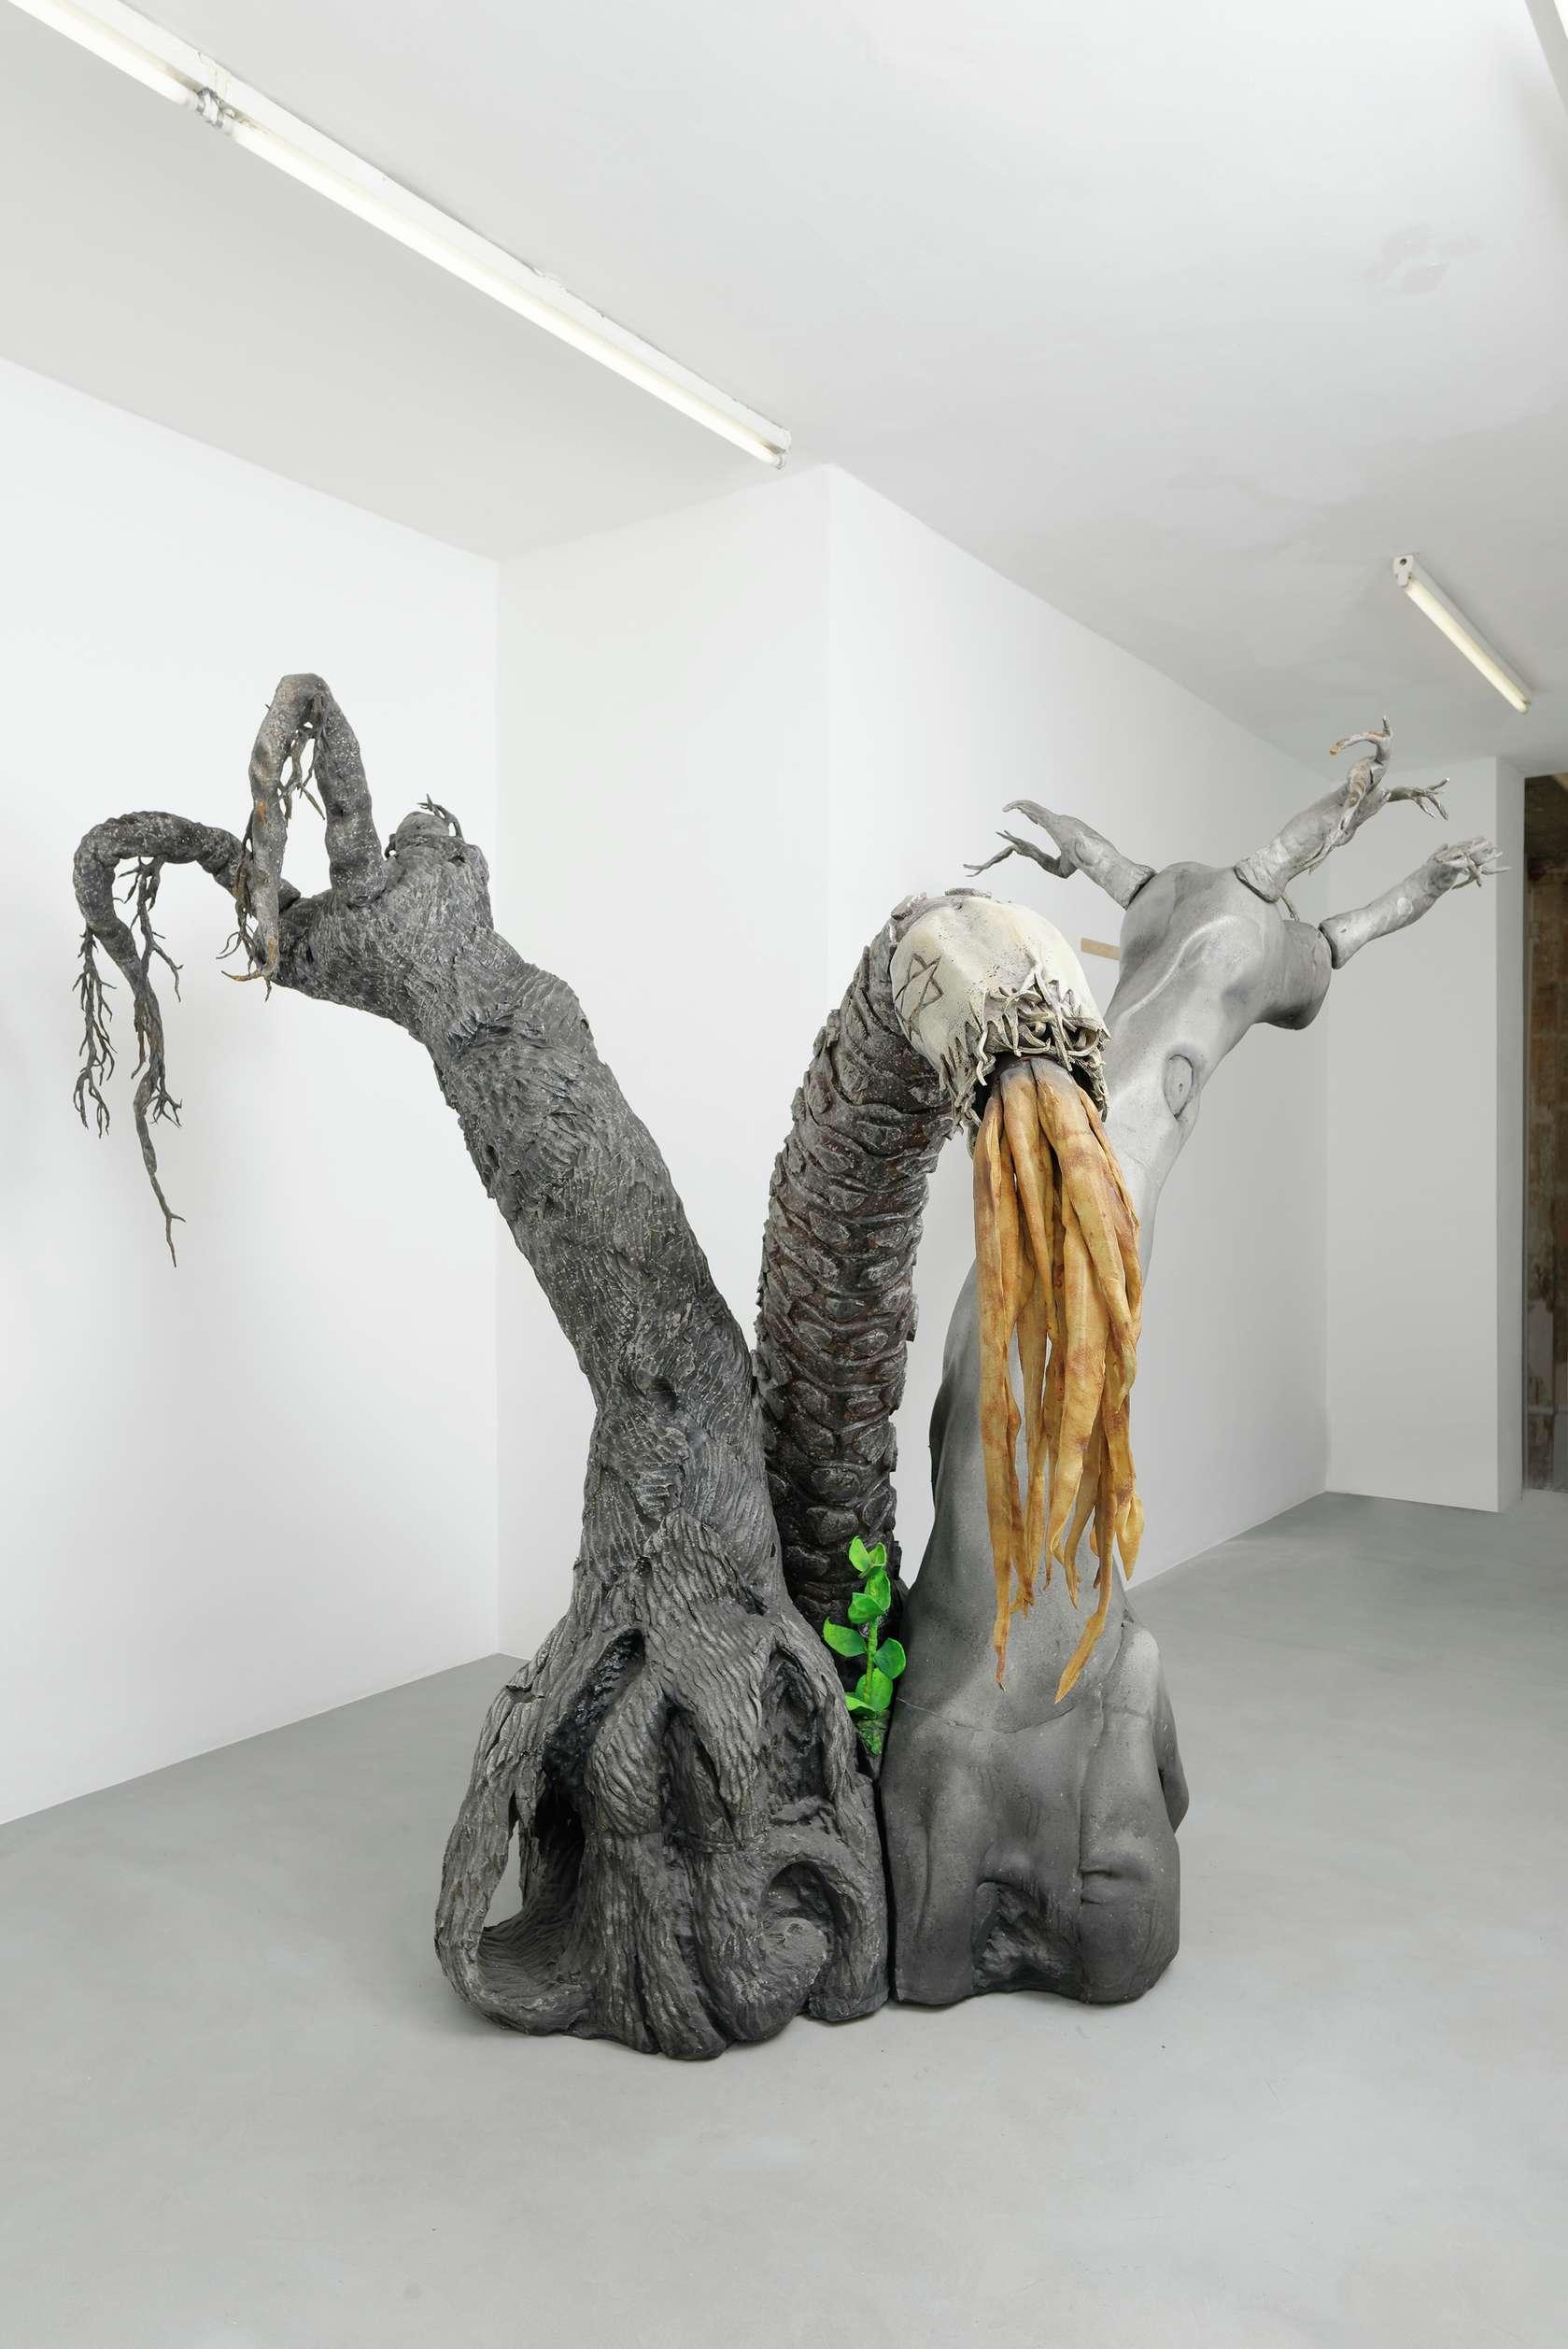 Piero Gilardi, Poiesis, 2004 Mousse de polyuréthane et installation sonore225 x 300 x 220 cm / 88 5/8 x 118 1/8 x 86 5/8 inches